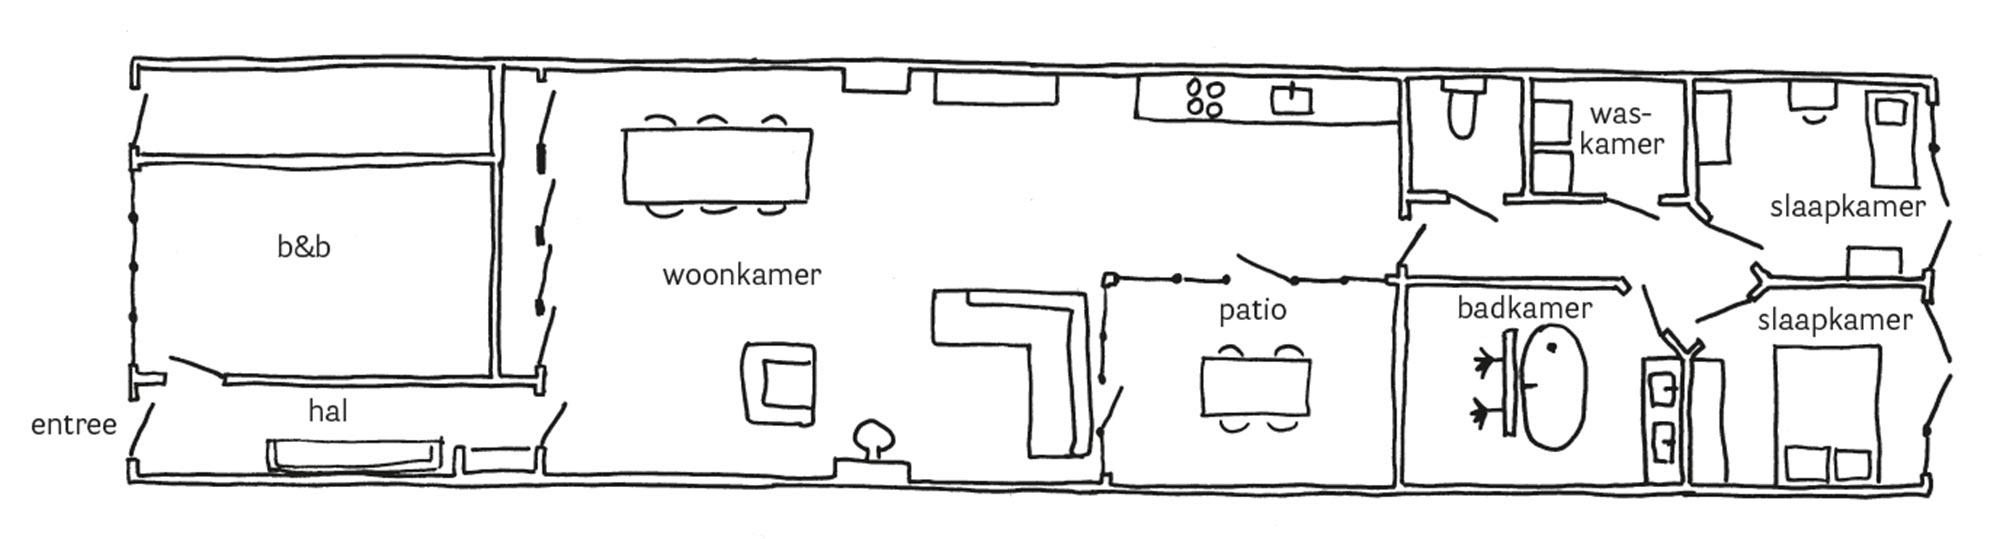 plattegrond indeling herenhuis